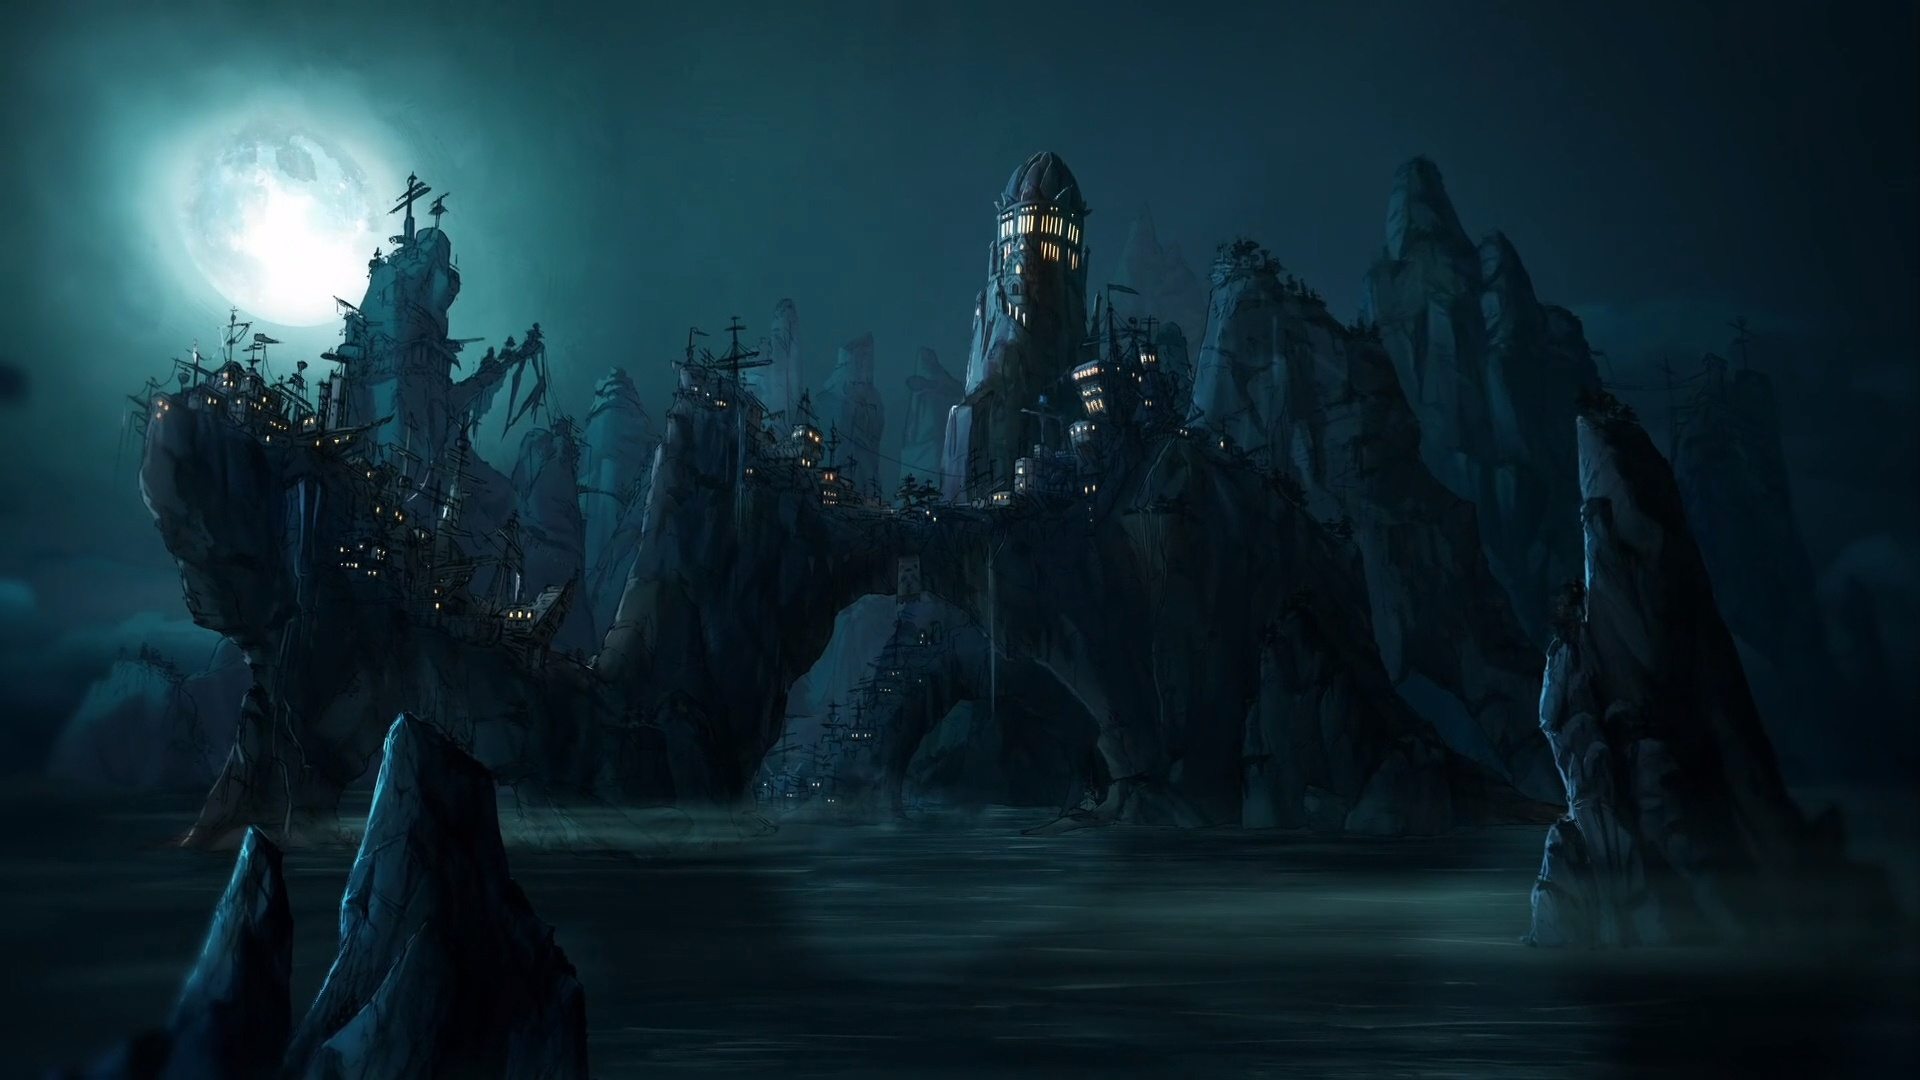 Издательство Riot Forge анонсировало свою первую игру — Ruined King